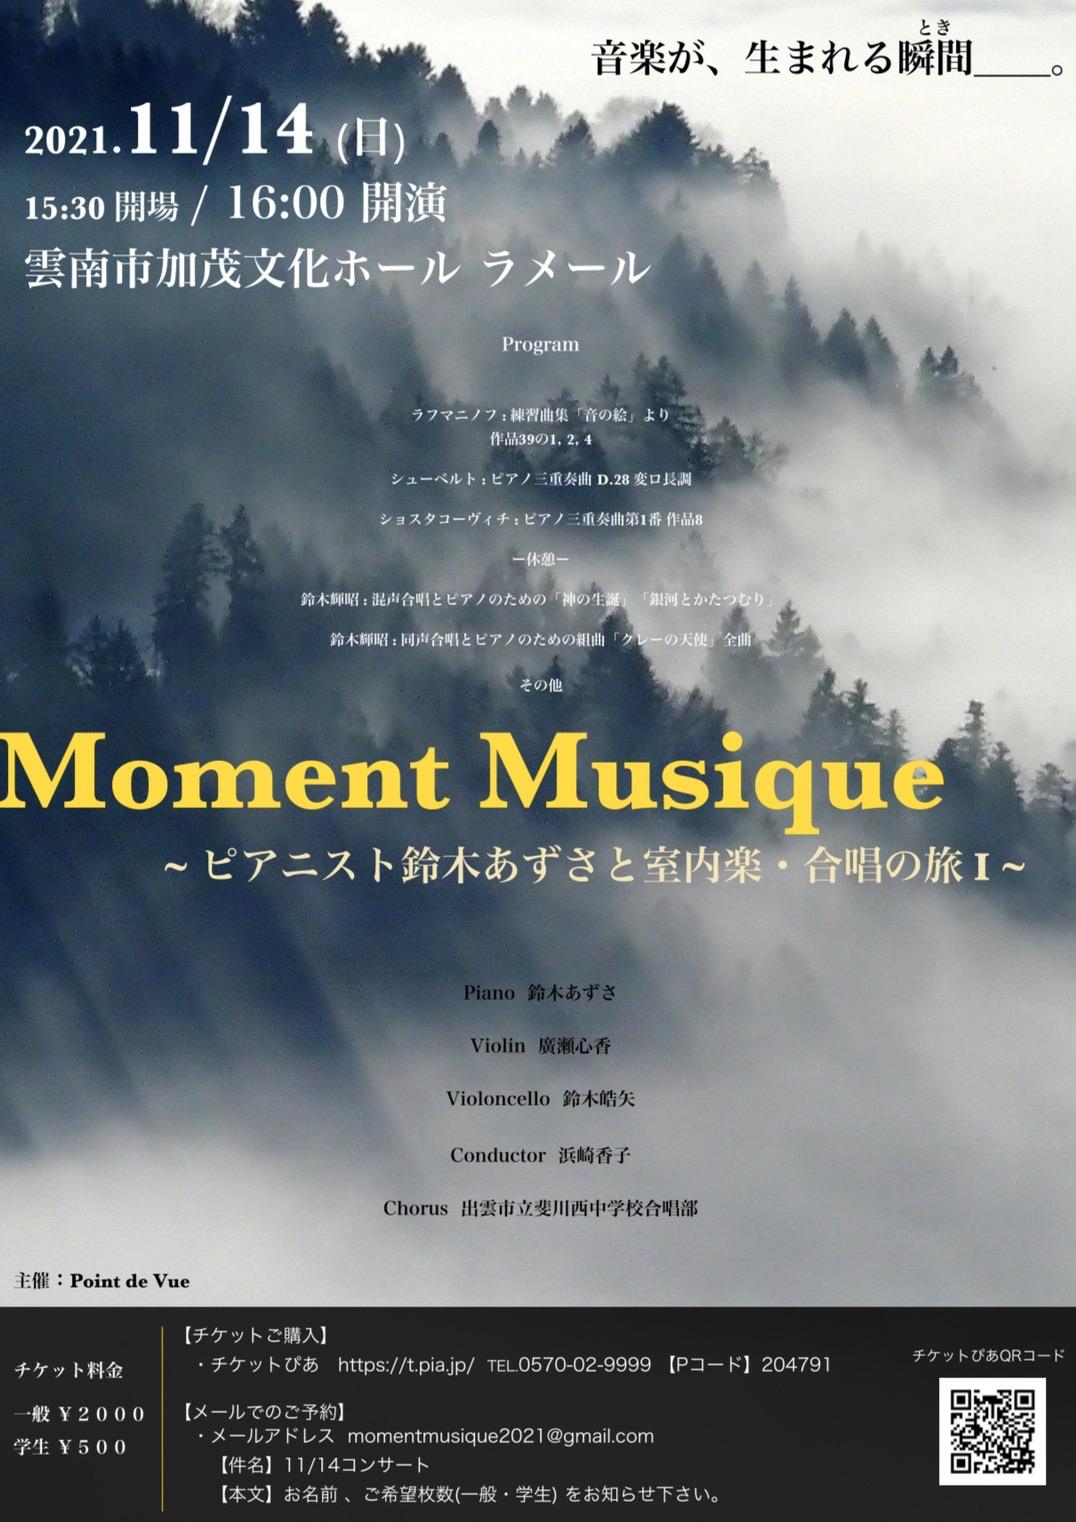 Moment Musique ~ピアニスト鈴木あずさと室内楽・合唱の旅Ⅰ~